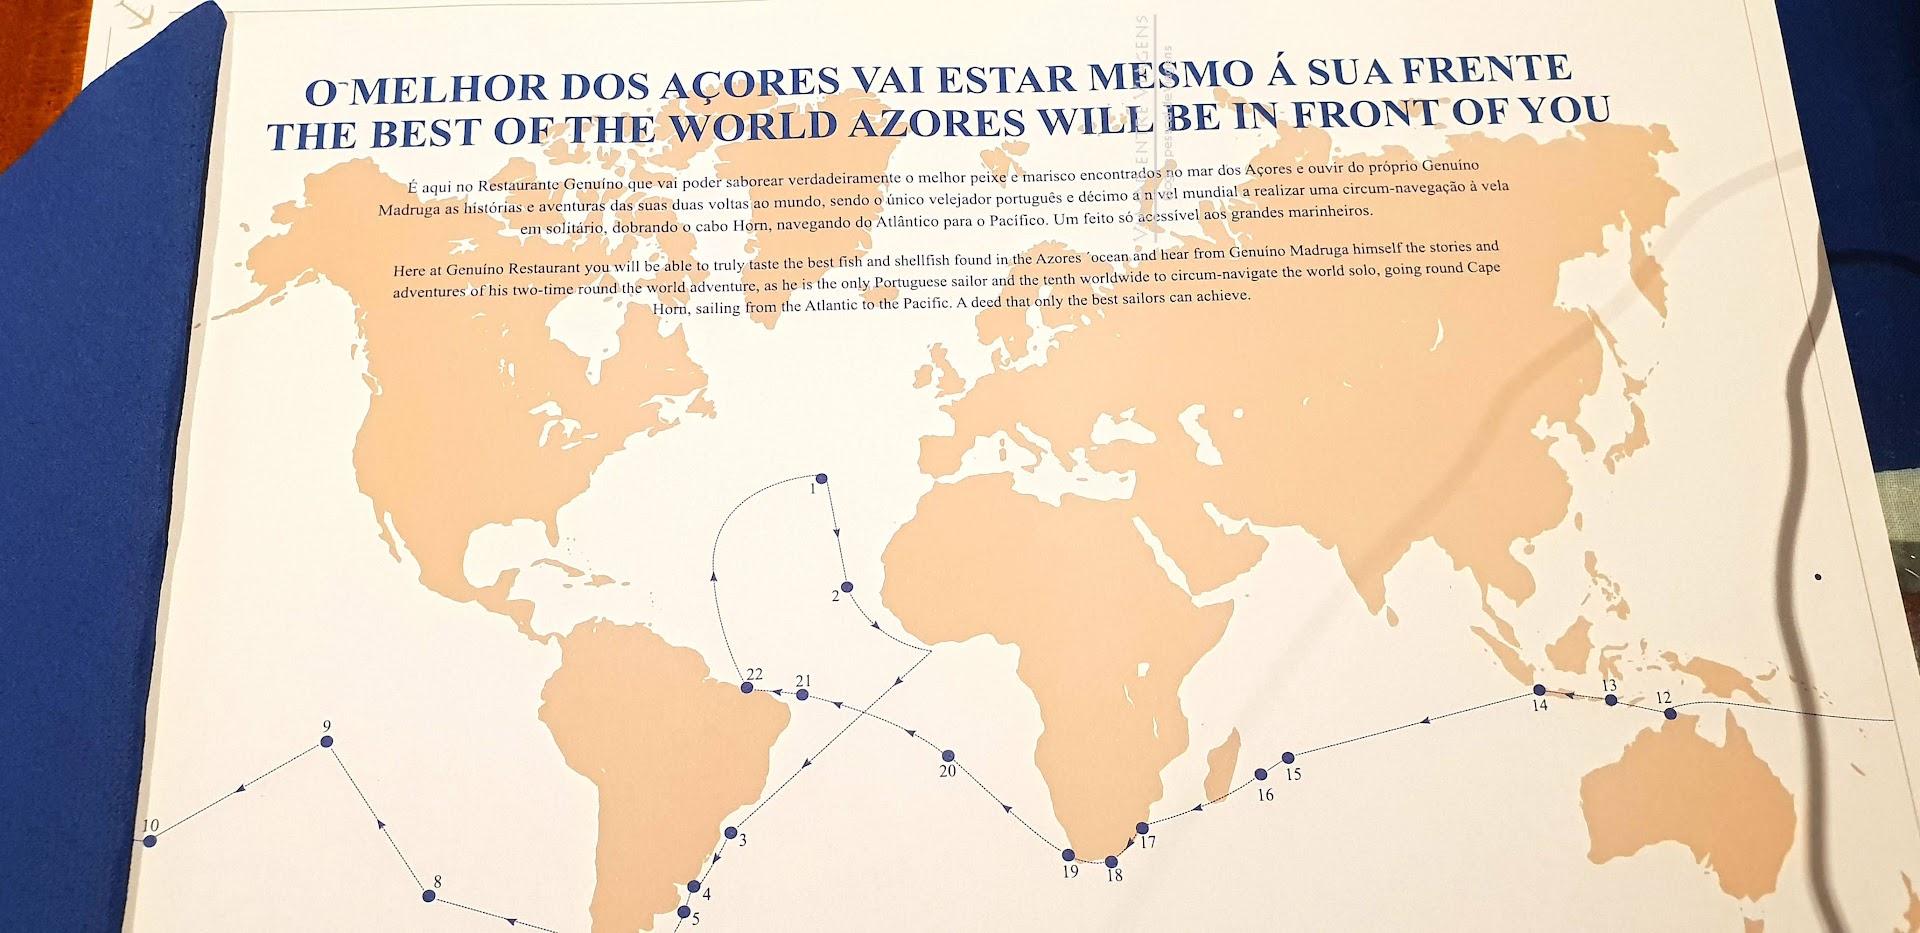 """Visitar a ILHA DO FAIAL, o que ver e fazer num lugar que """"não é na Terra nem na Lua"""" é nos Açores"""